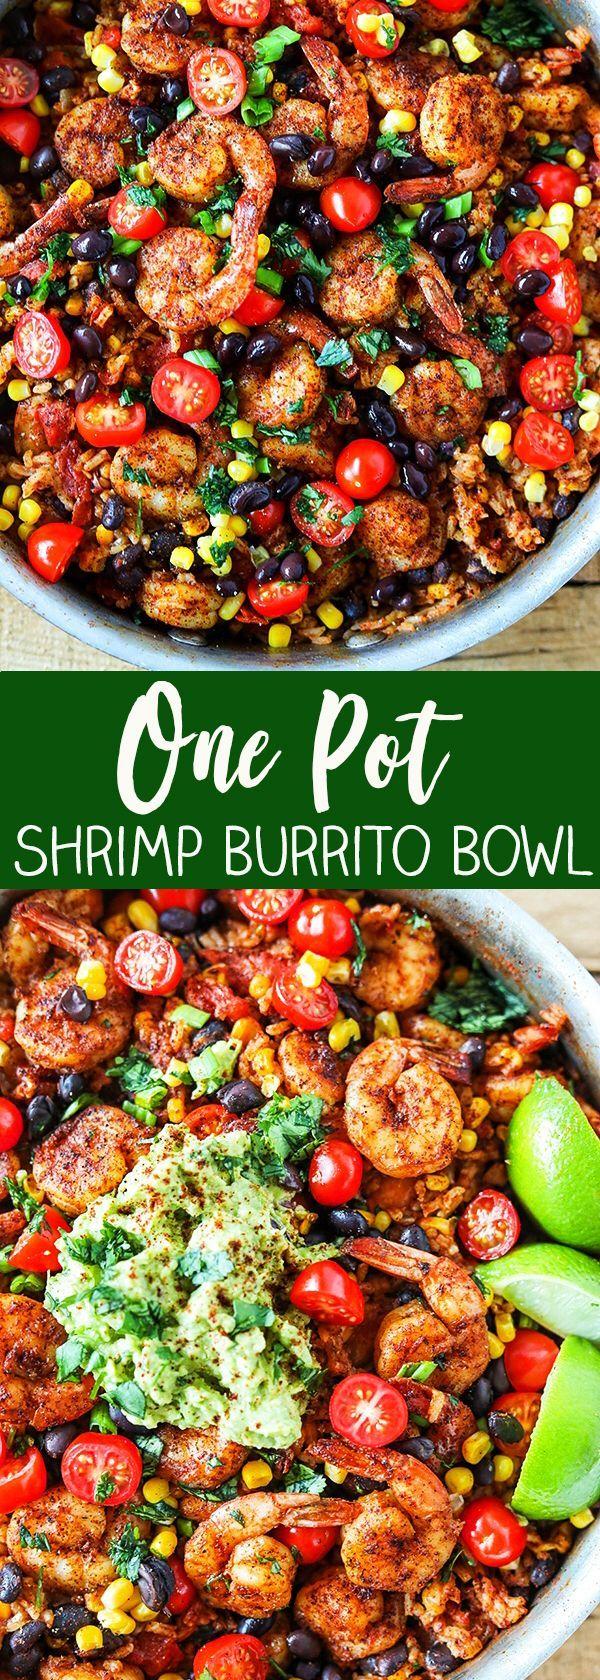 One Pot Shrimp Burrito Bowls